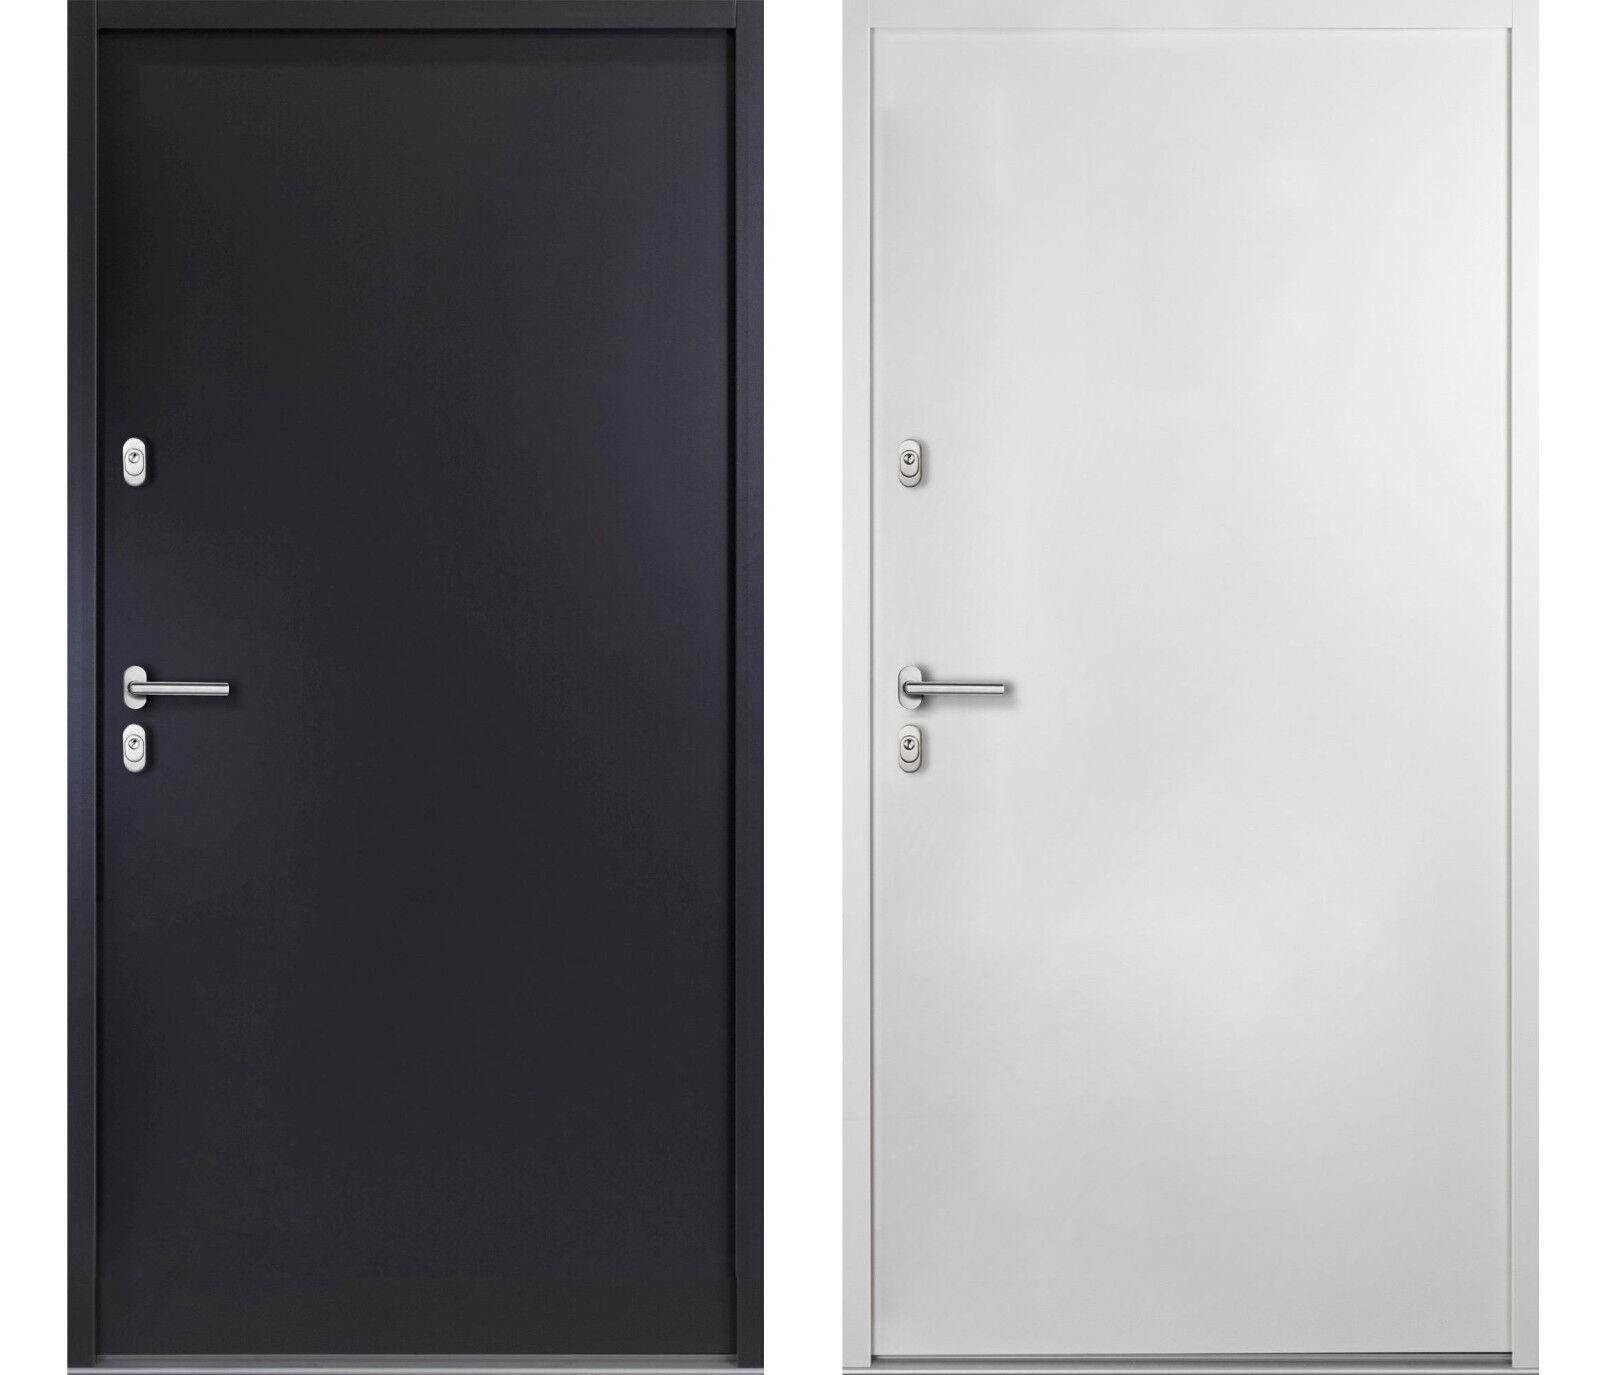 Aluminium KELLERTÜR weiß / anthrazitgrau | Haustür Nebeneingangstür Wohnungstür